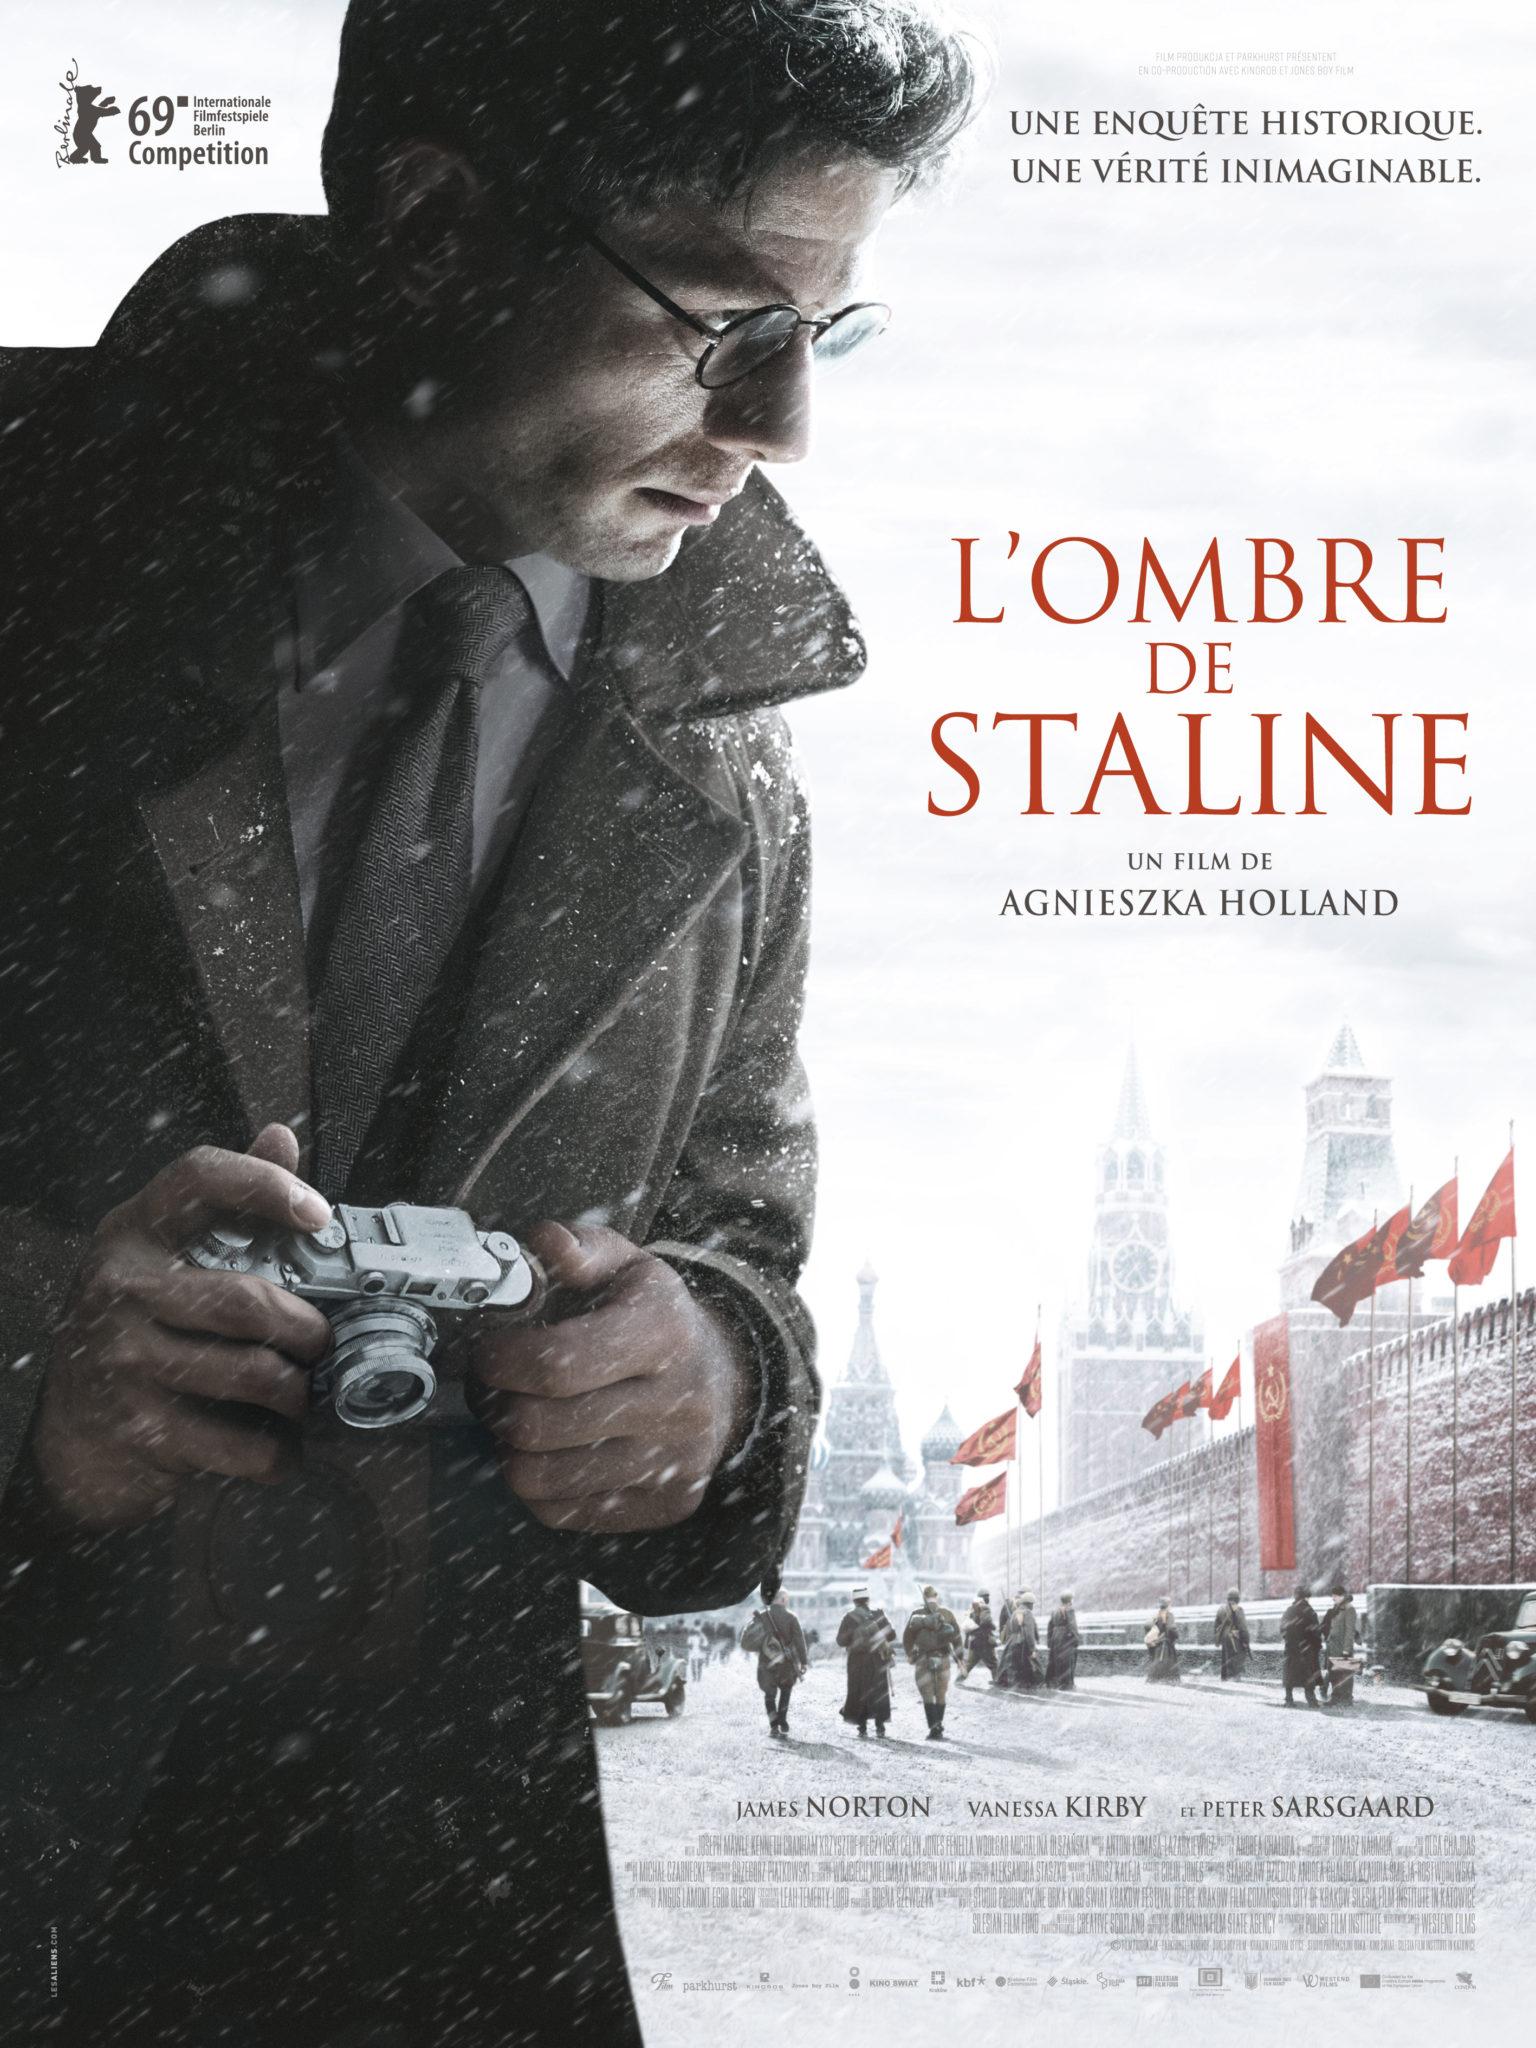 L'OMBRE DE STALINE affiche film 2020